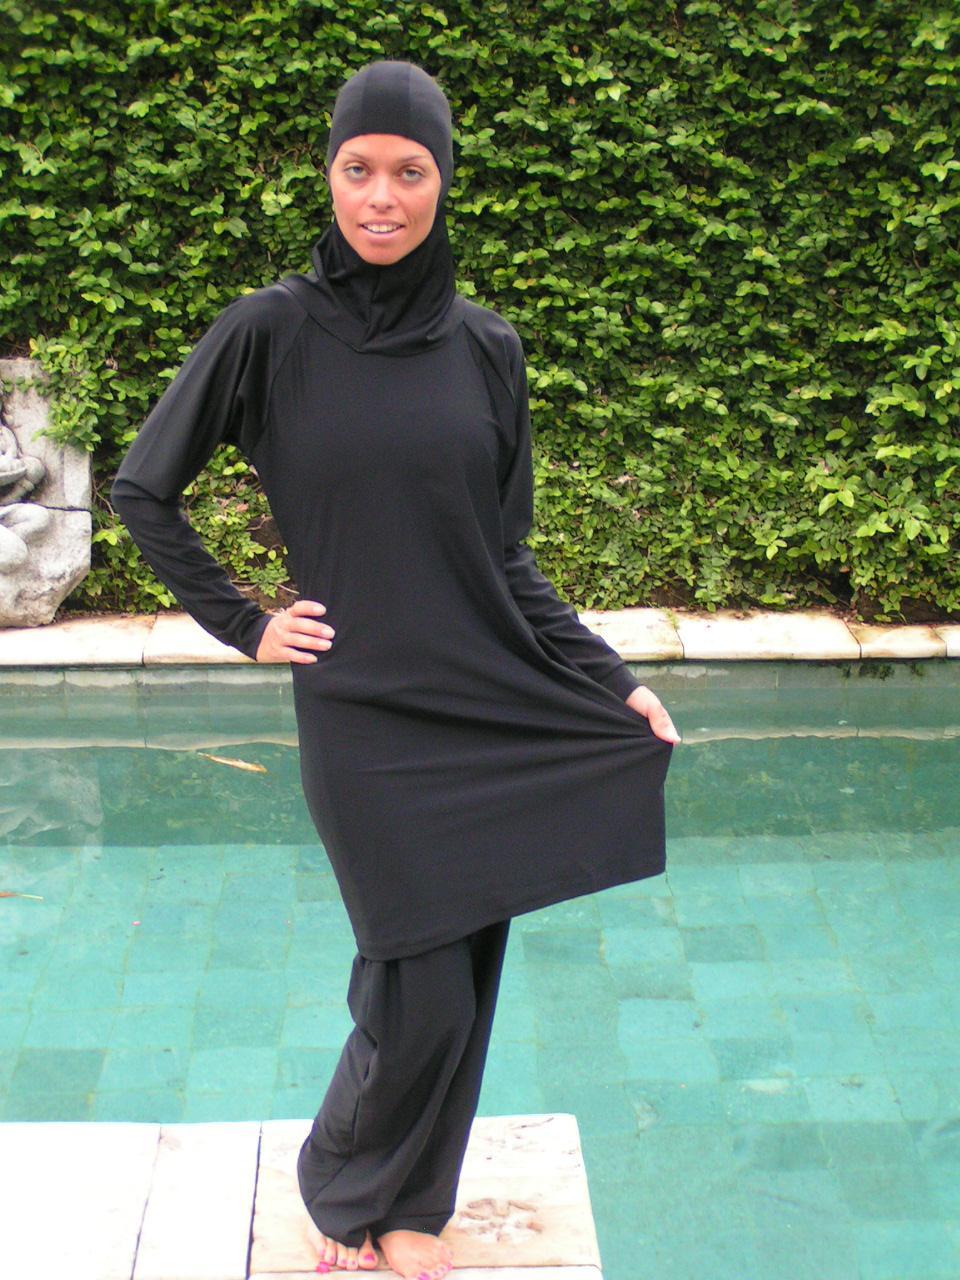 фото мусульманки купальный костюм